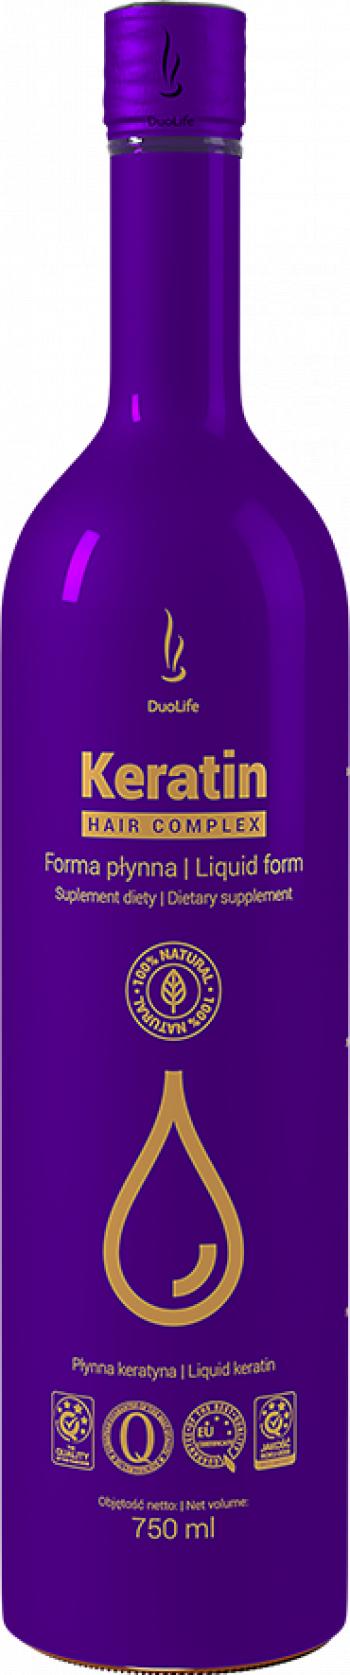 Keratina 100 Naturala DuoLife 750 ml